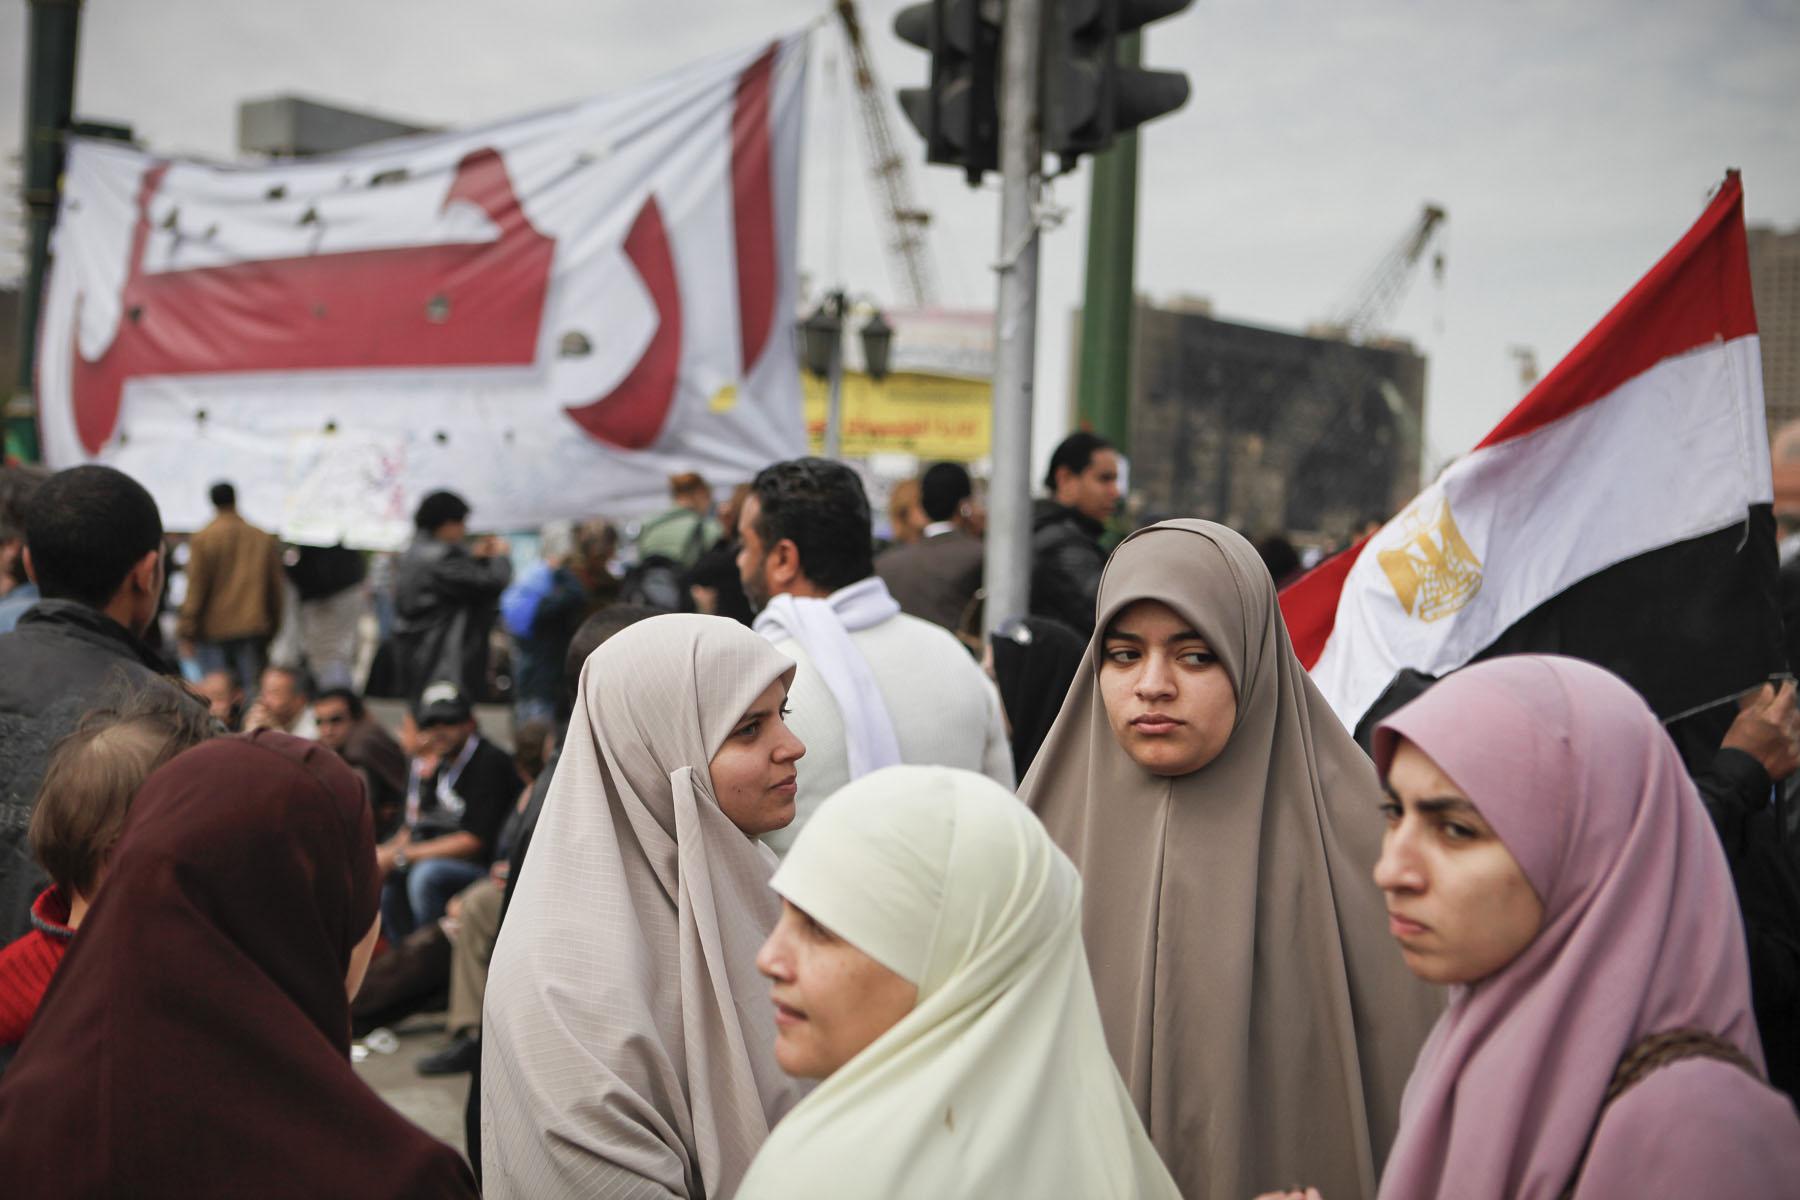 Anti-President Mubarak's women demonstrate on Tahrir Square on Sunday February 6 2011